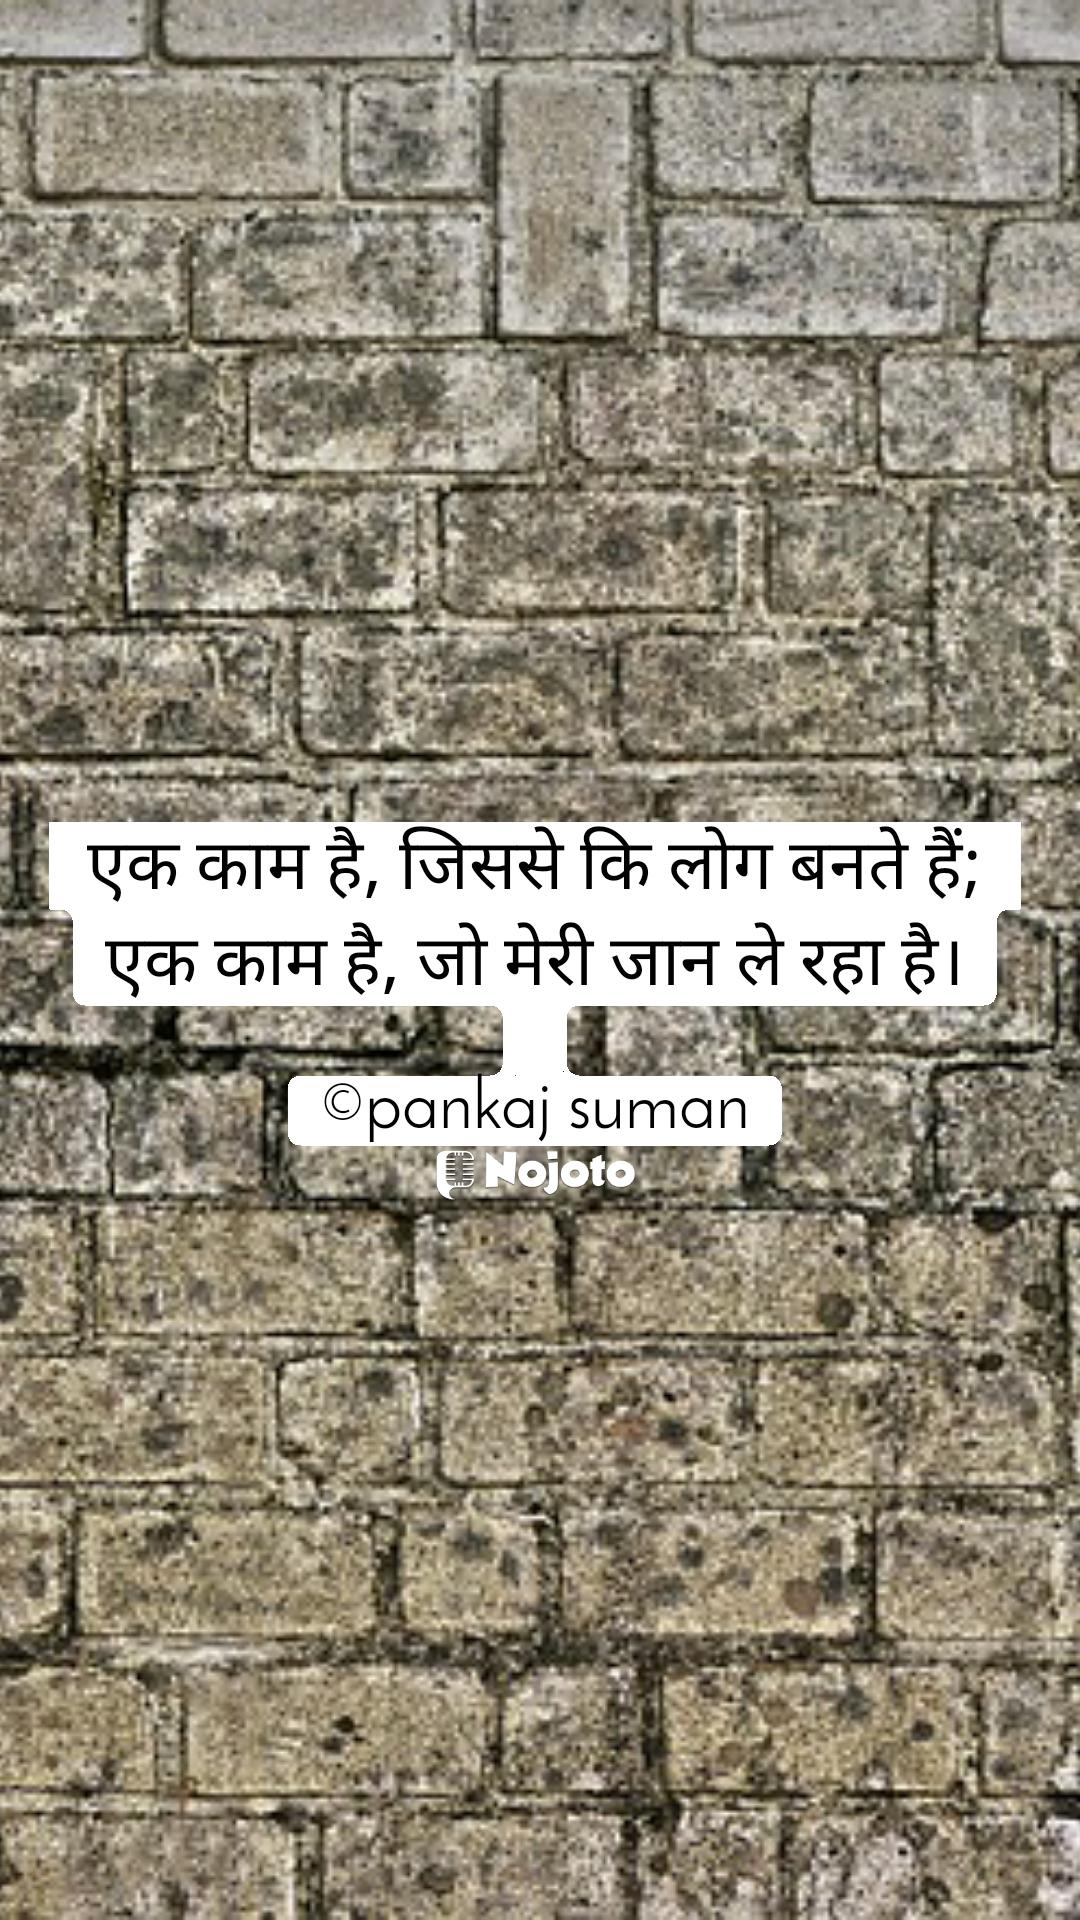 एक काम है, जिससे कि लोग बनते हैं;  एक काम है, जो मेरी जान ले रहा है।  ©pankaj suman